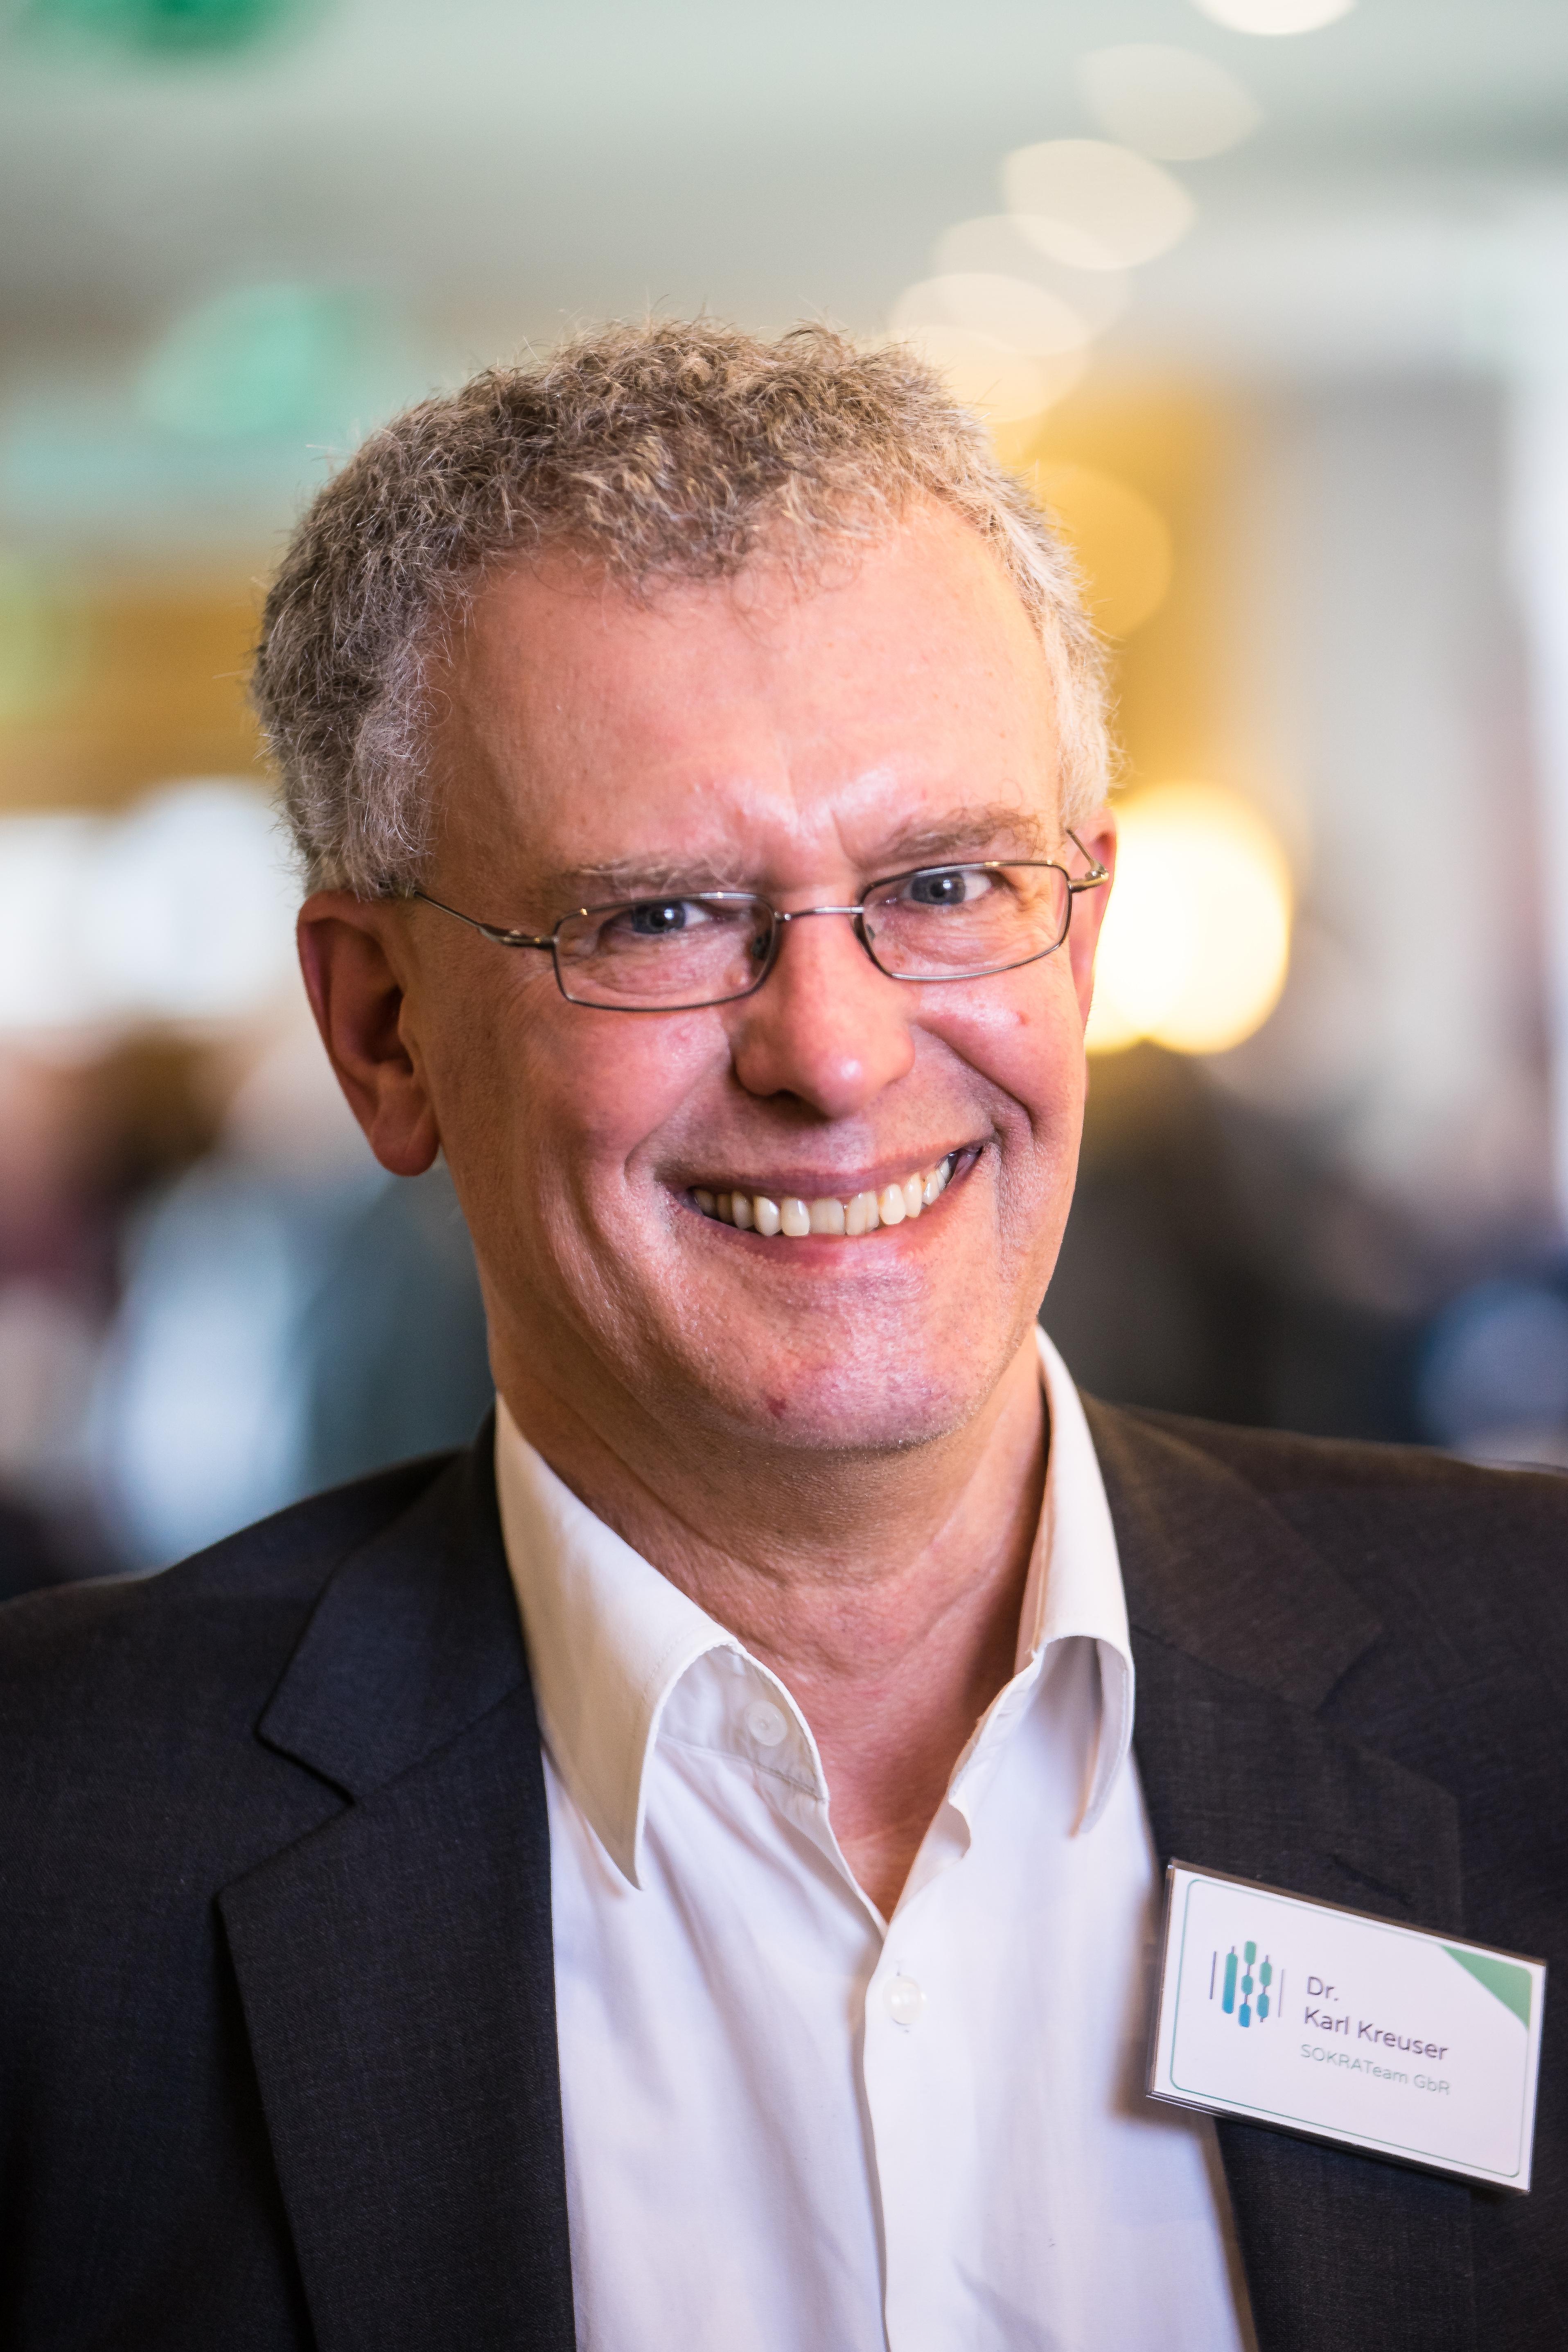 Karl Kreuser